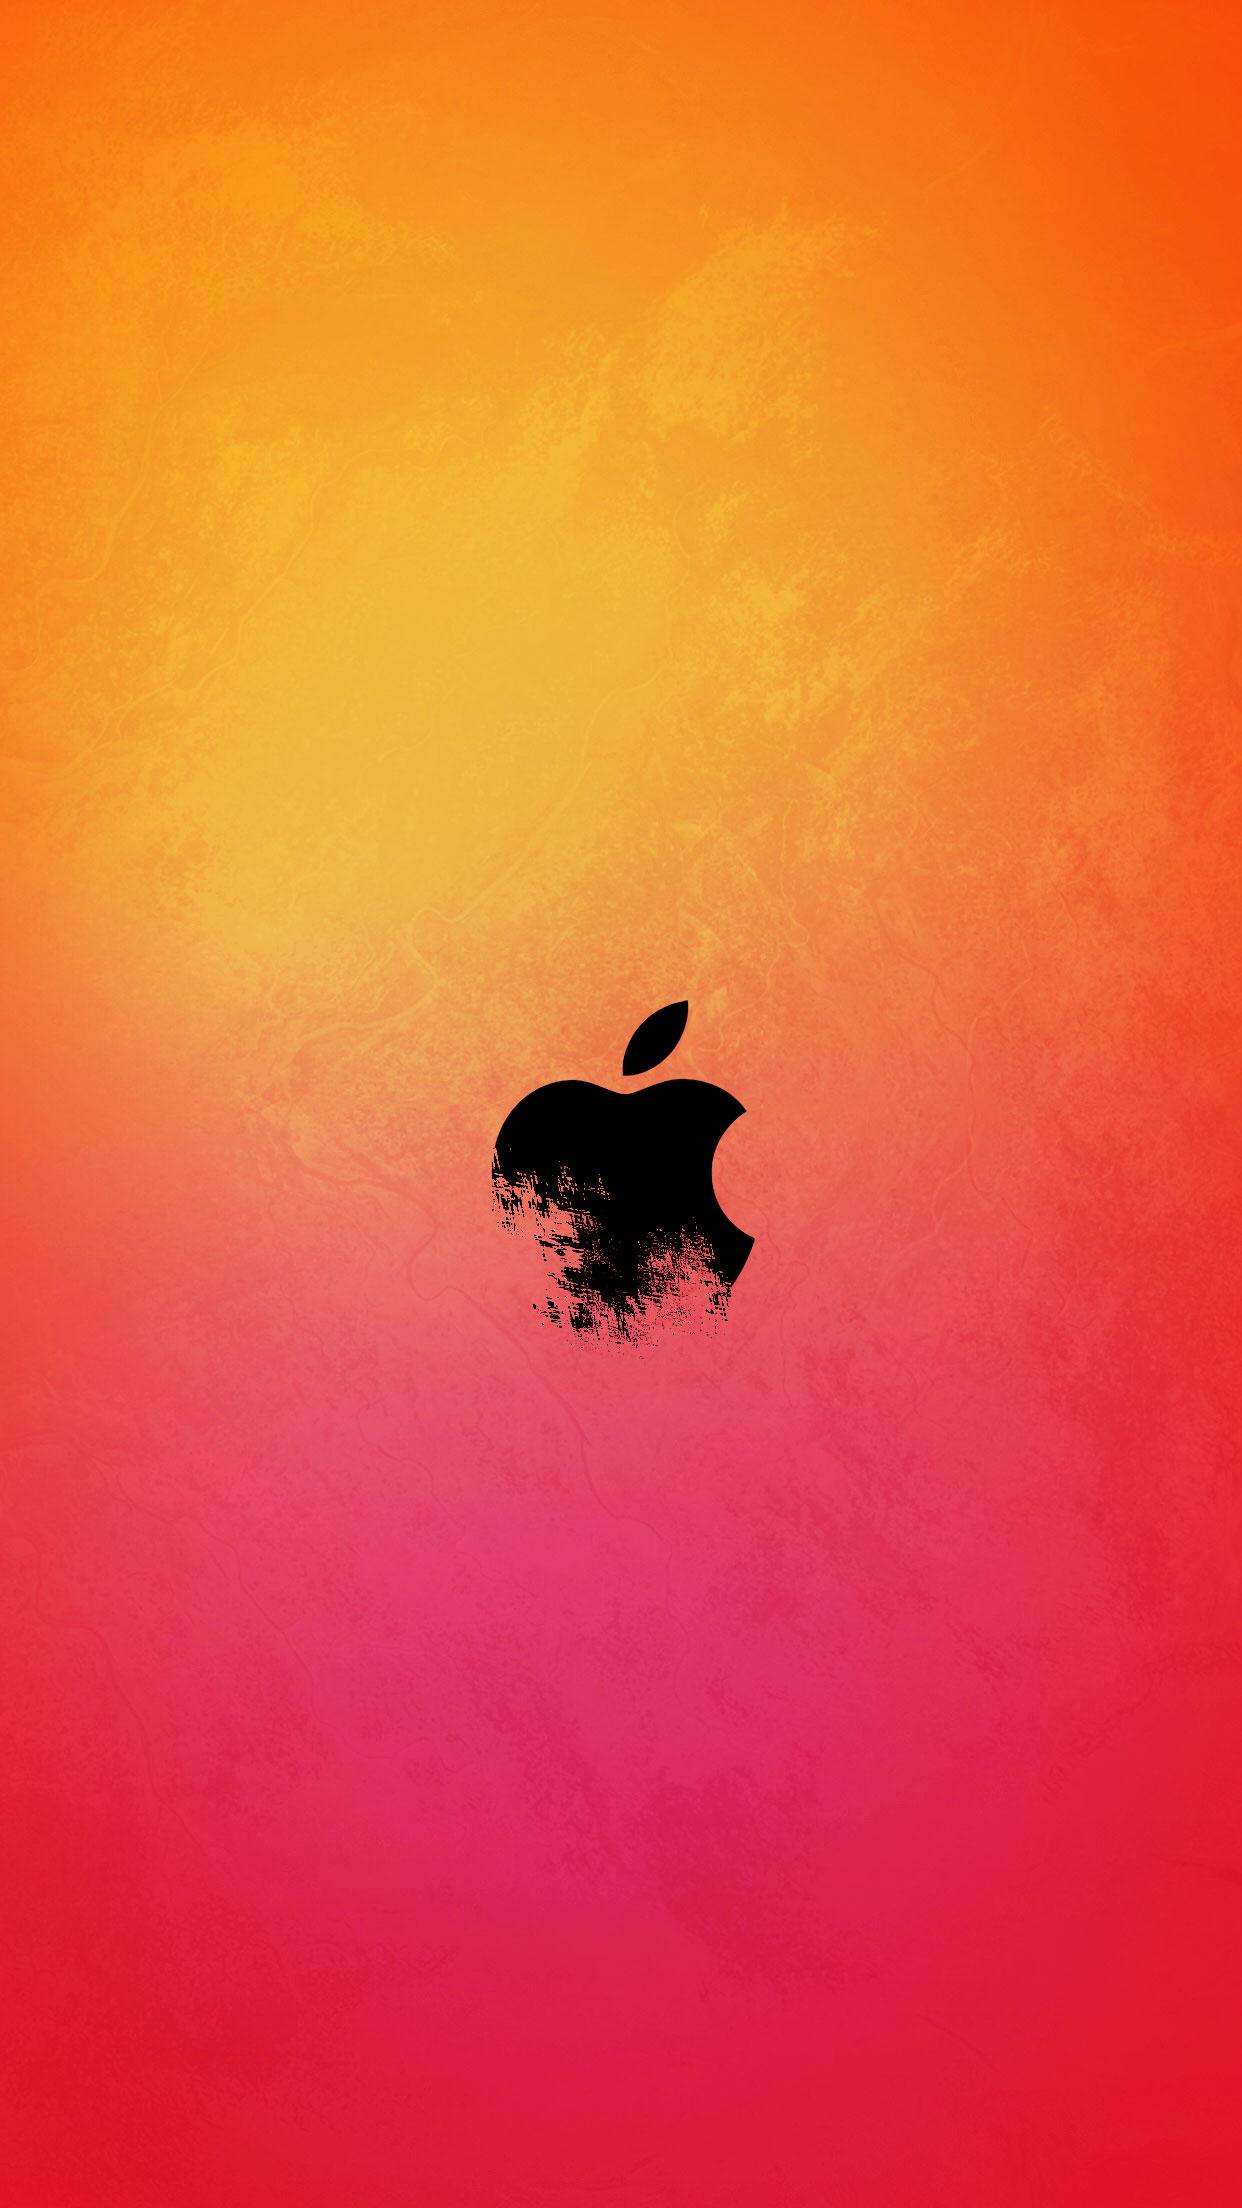 تحميل خلفيات ايفون 7 بلس لنظام Ios الجديد عالم الصور